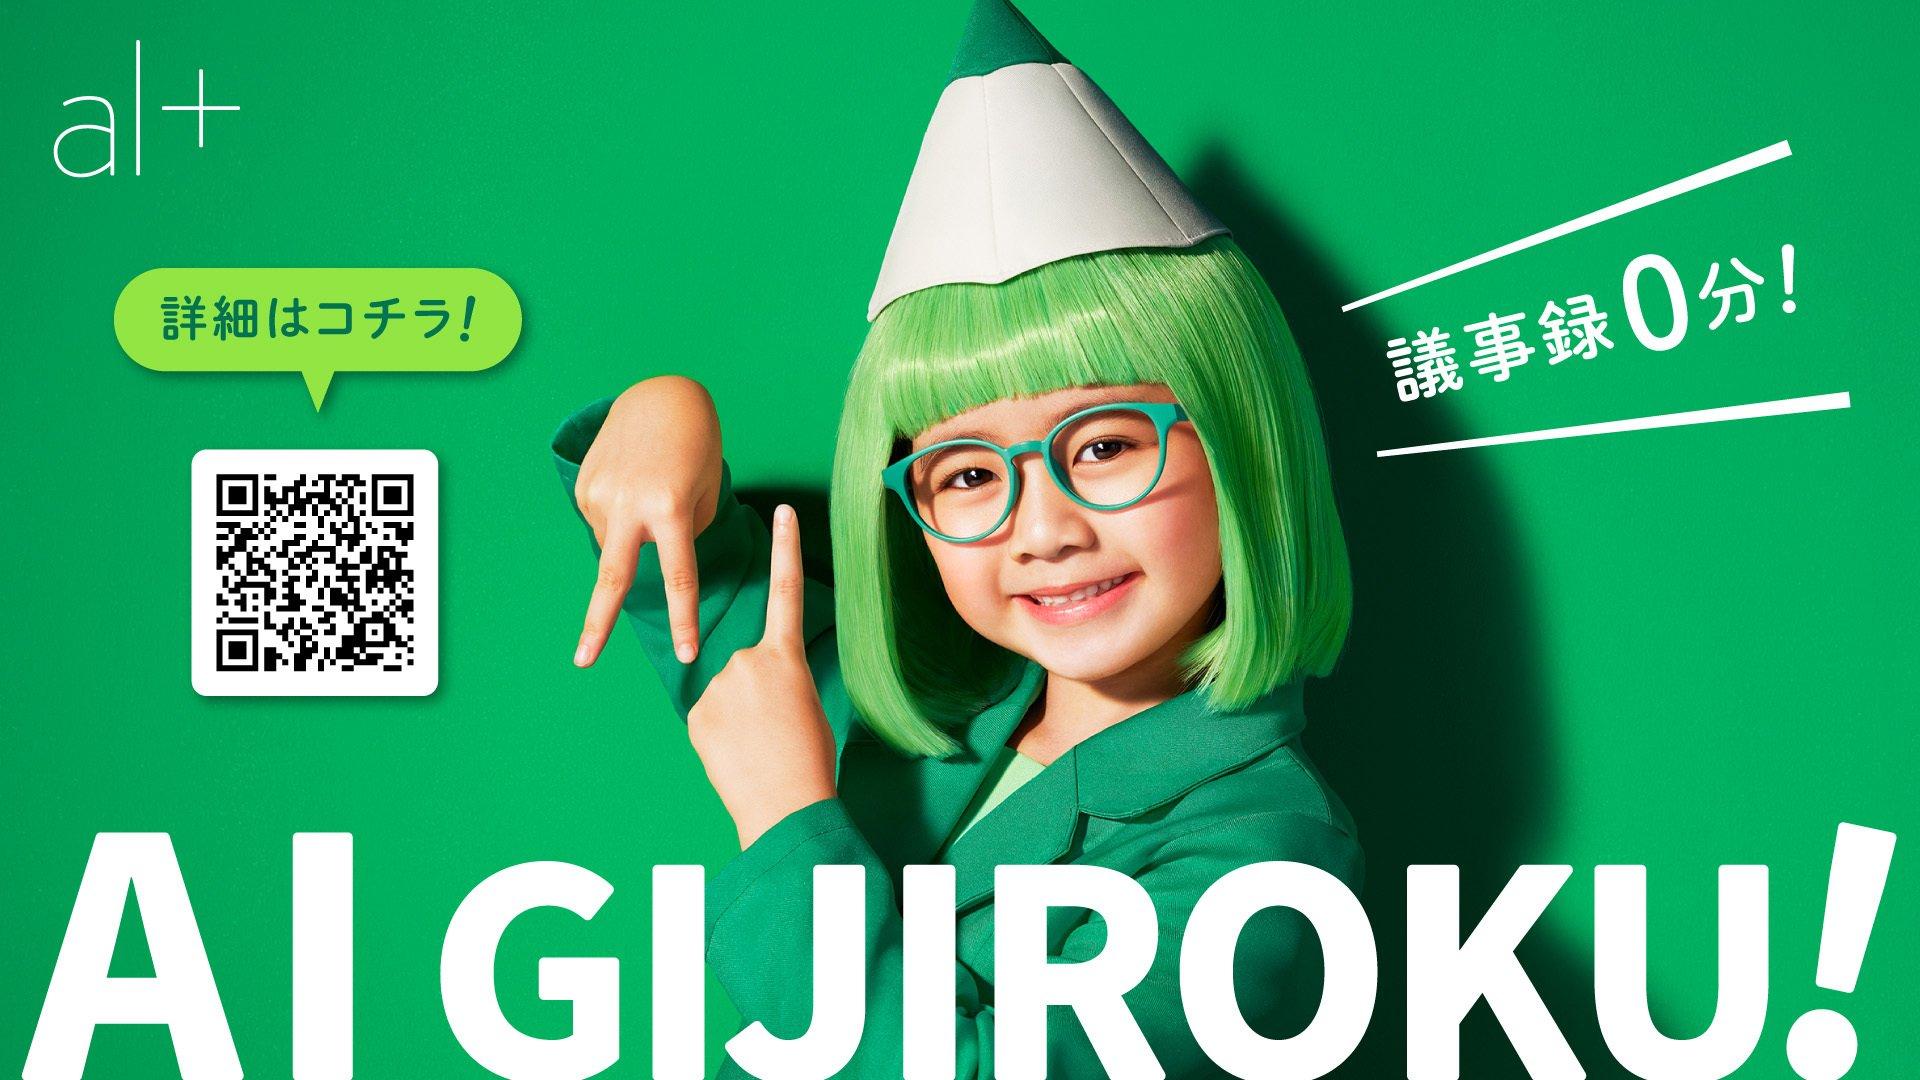 【インフォニックグループ x オルツ共催】 テレワーク下のヘルプデスクで活用する AI GIJIROKU